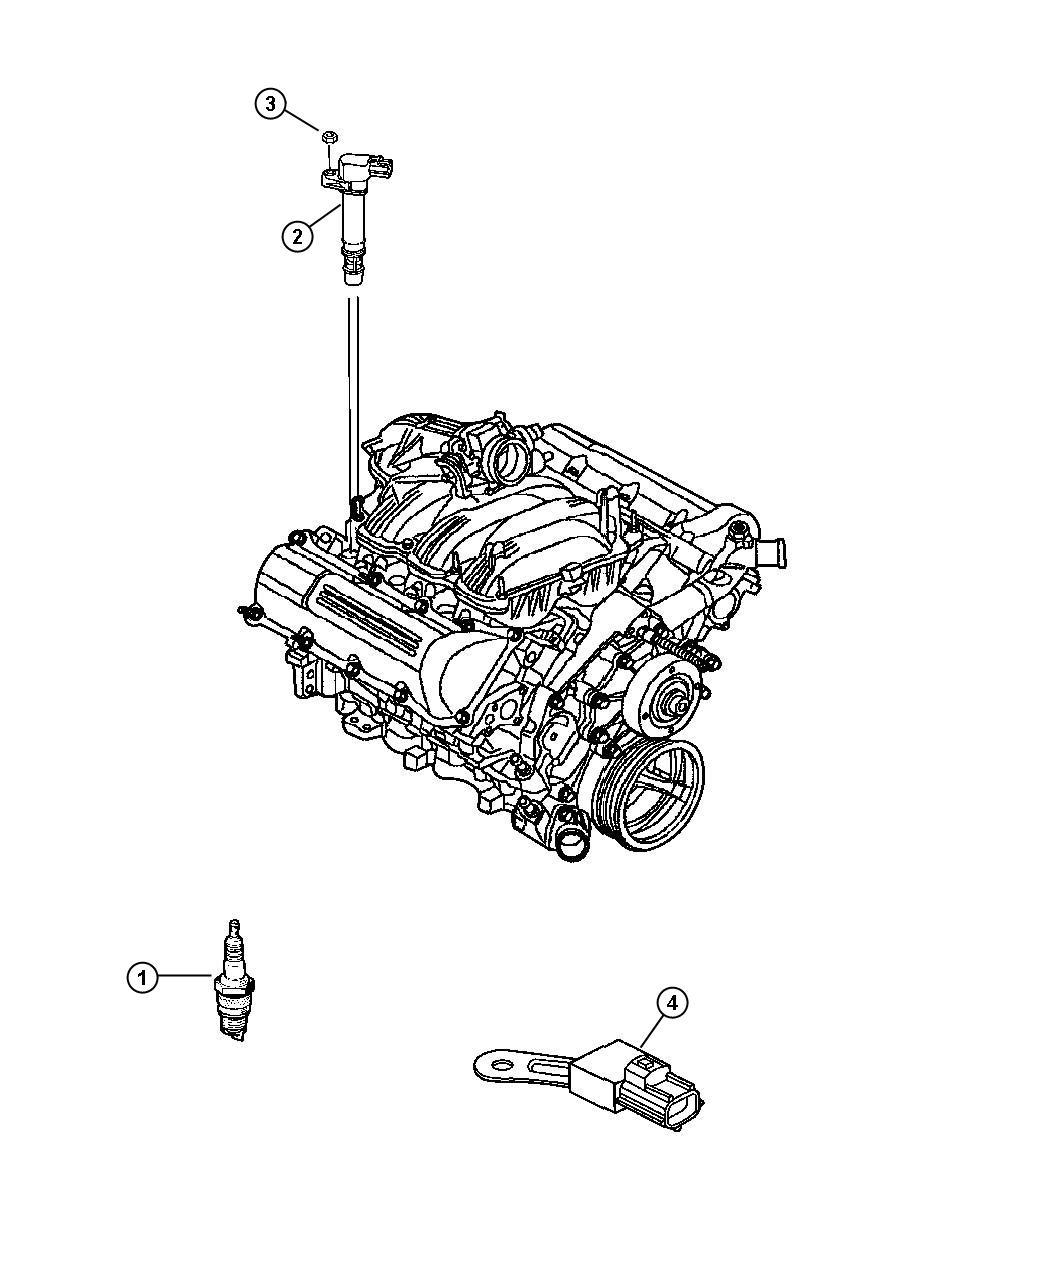 2005 Dodge Dakota LARAMIE CLUB CAB 4x4, 3.7L V6, 6-Spd